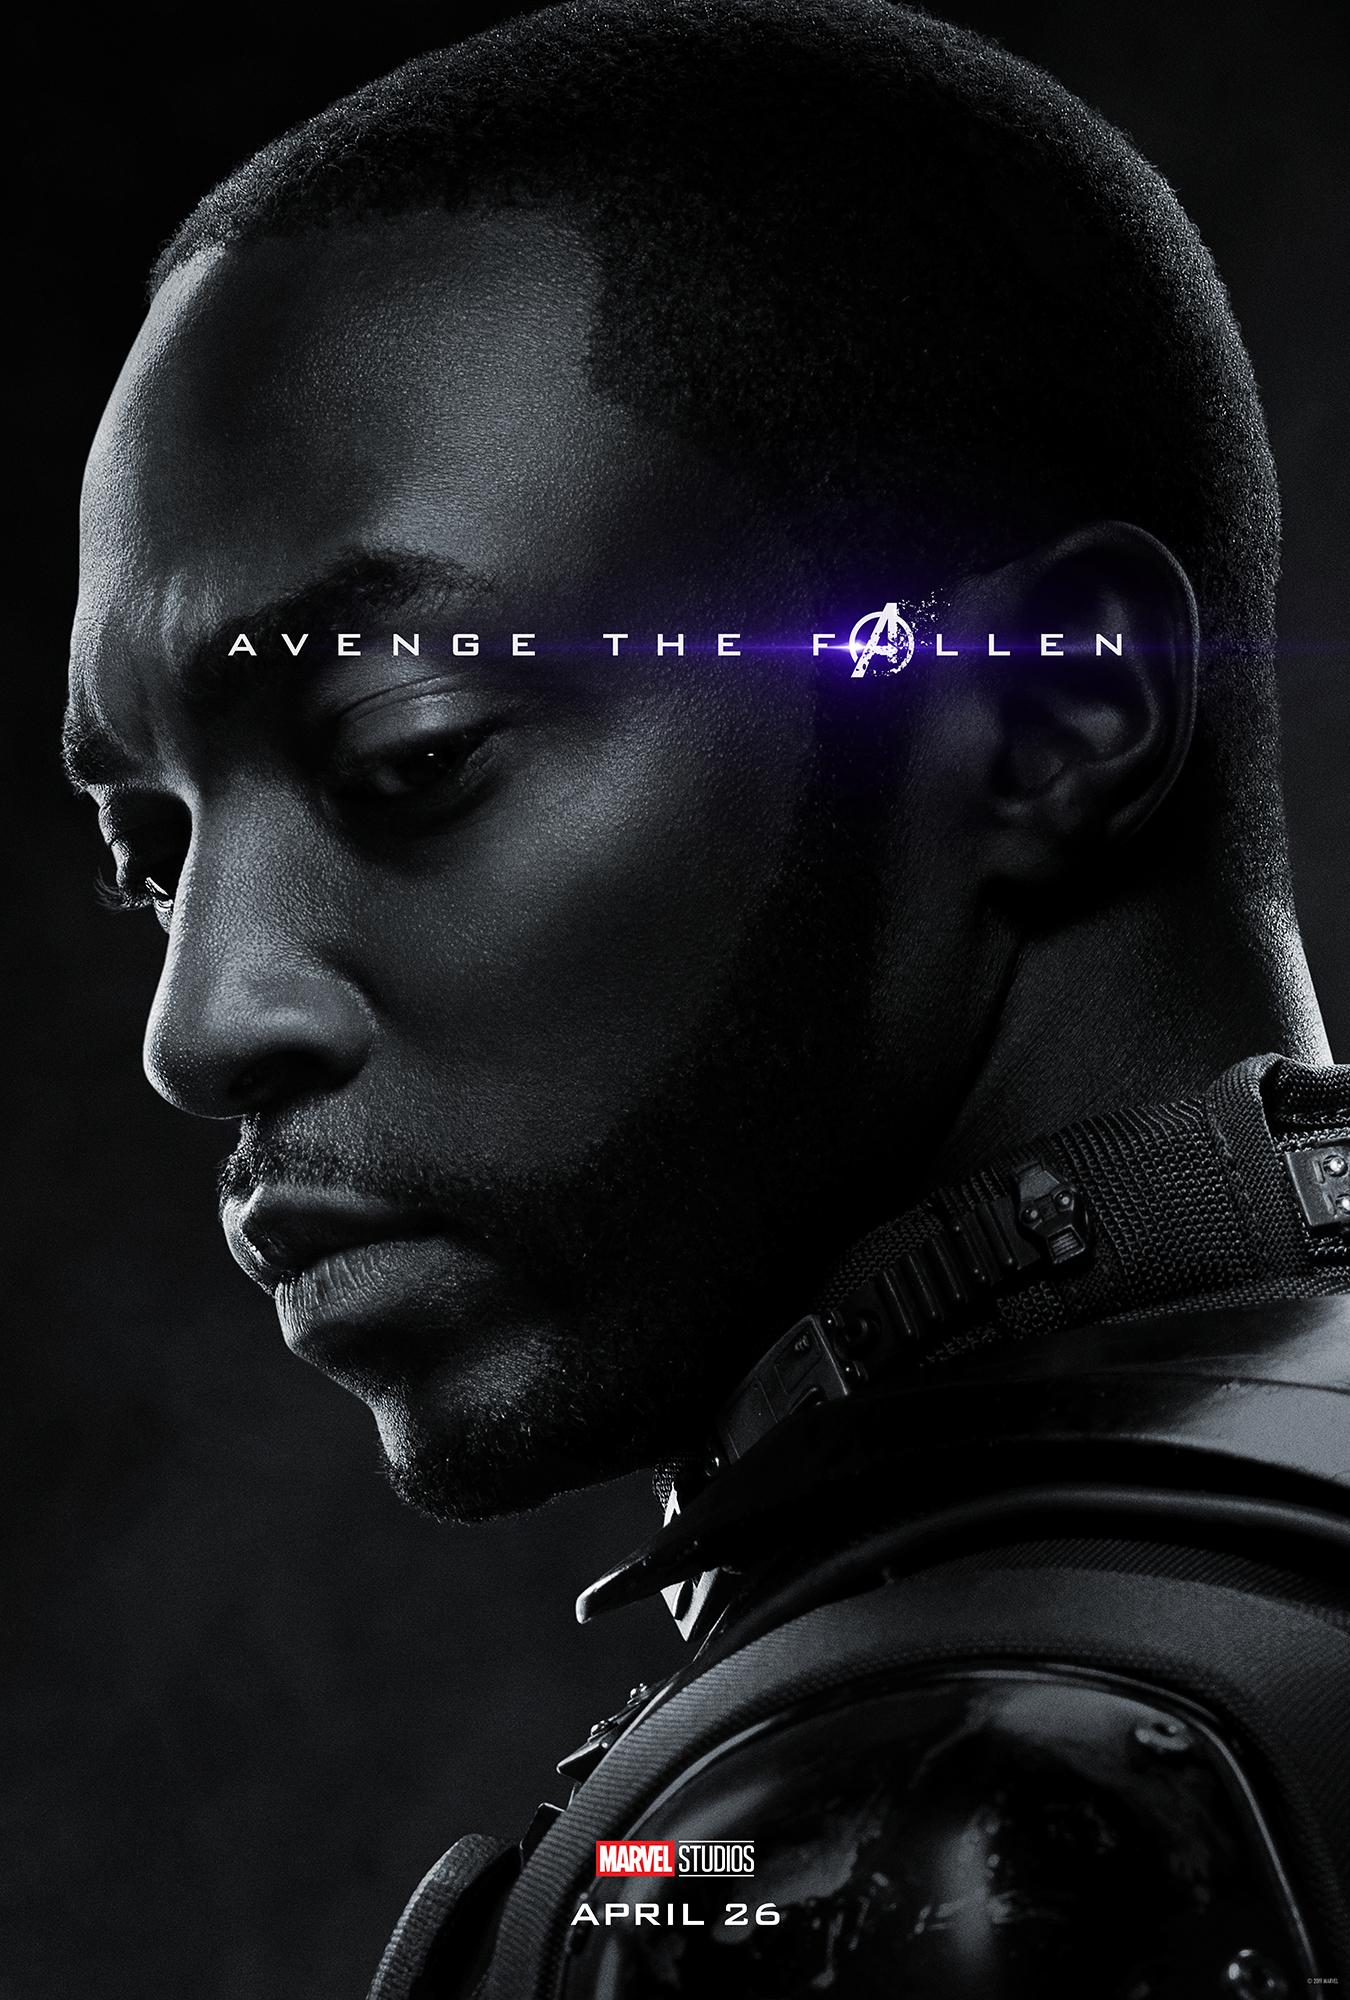 Avengers_Endgame_Char1Sht_Falco_Avenge_mech1_FS_100dpi.jpg